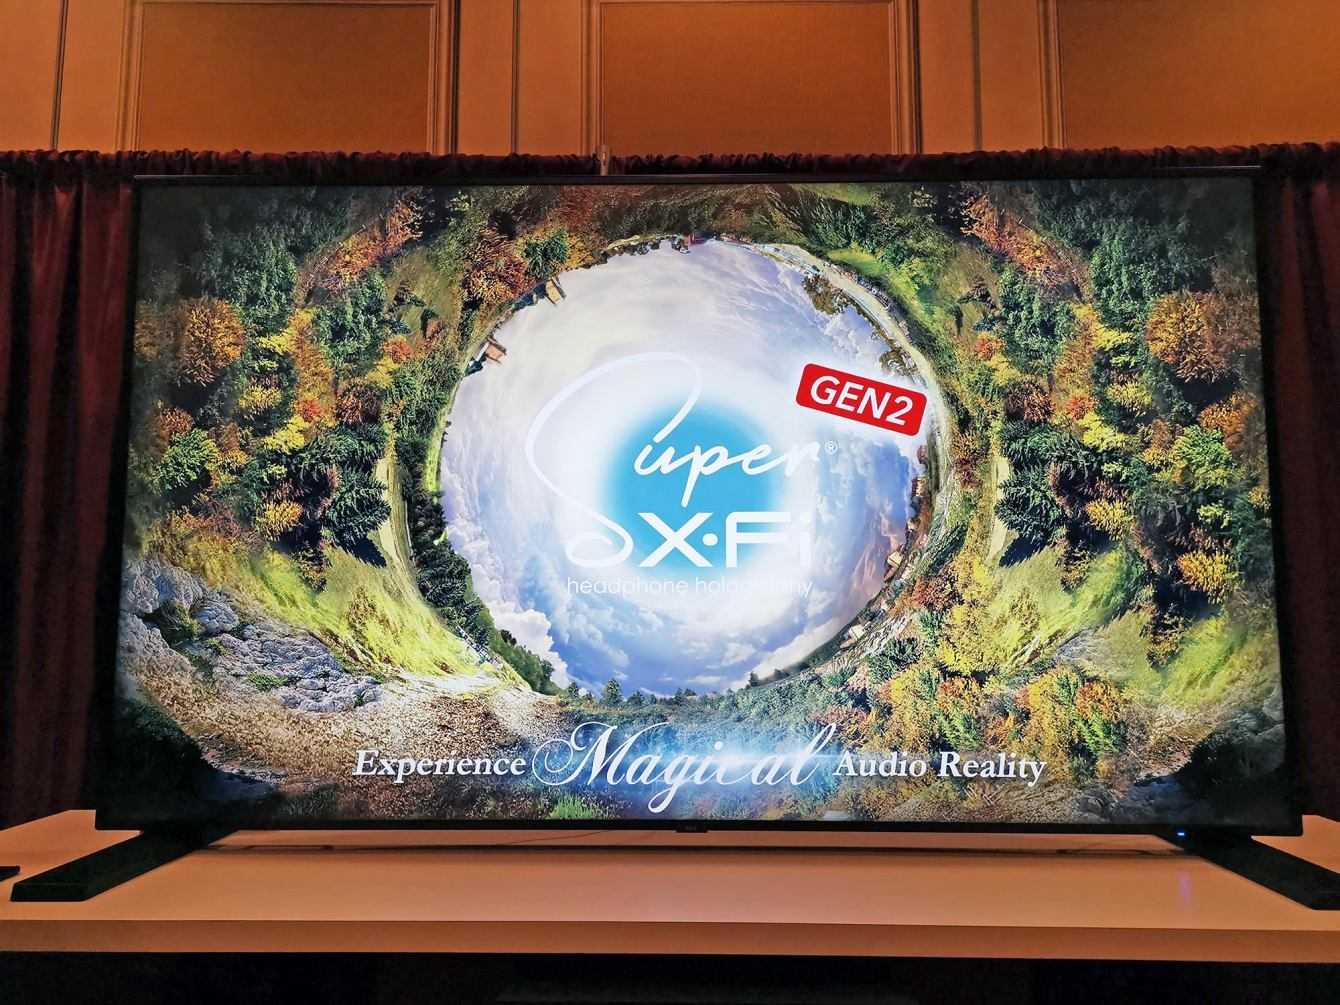 Super X-Fi Gen2: olografia per cuffie a un livello superiore